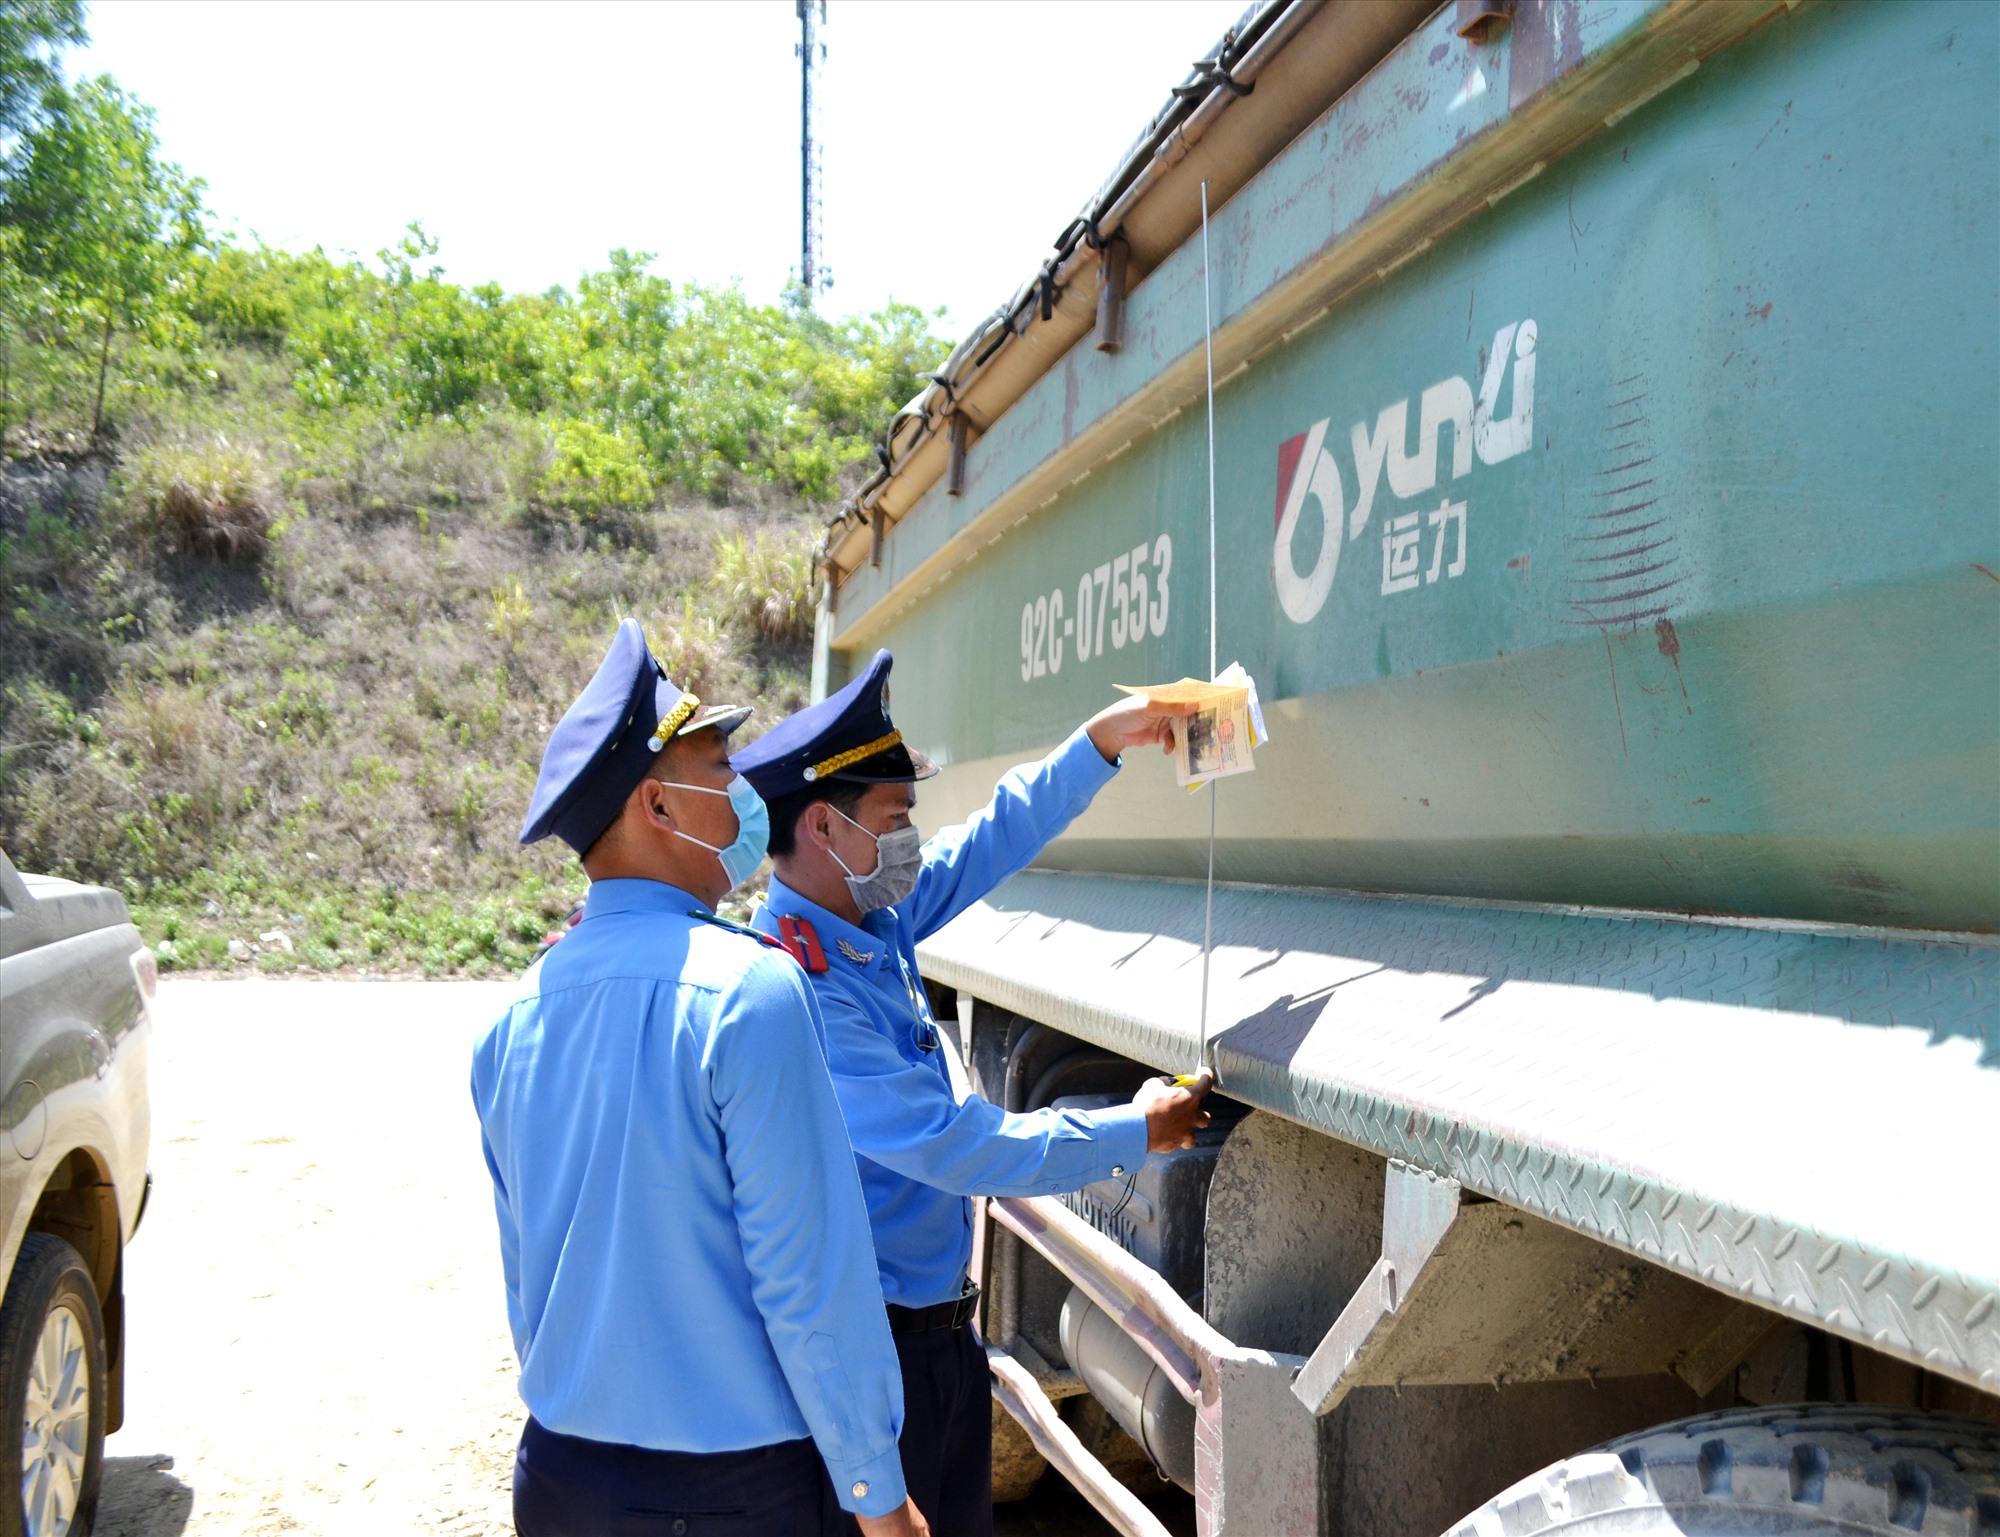 Thành viên Tổ kiểm tra liên ngành cấp tỉnh đo kích thước thùng xe tải chở hàng trên tuyến ĐT609 qua địa phận Đại Lộc. Ảnh: N.B